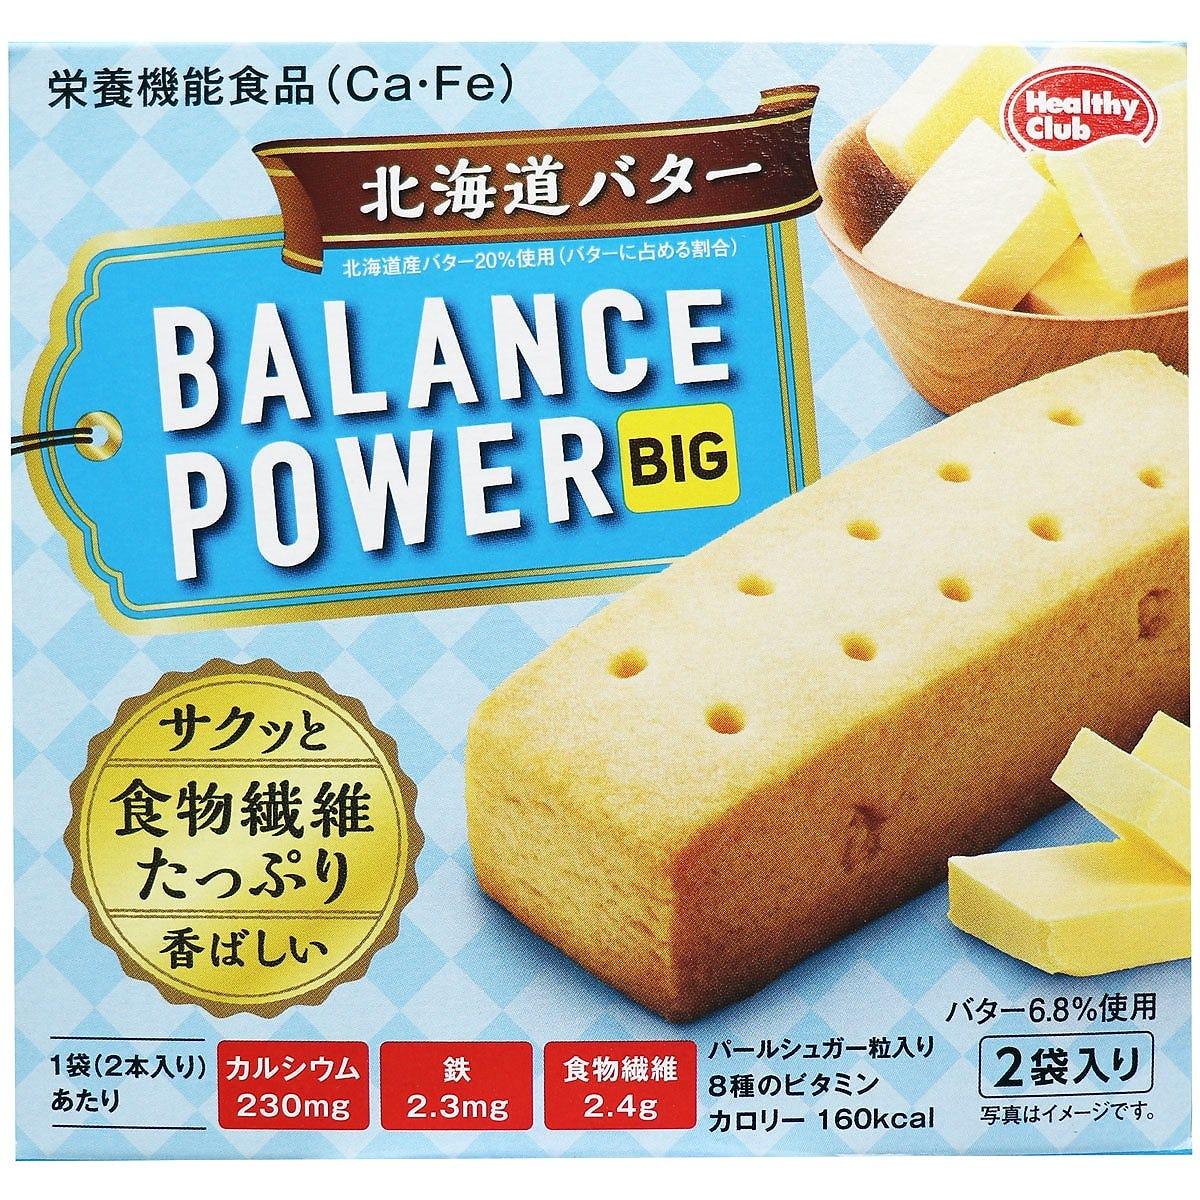 ※ヘルシークラブ バランスパワービッグ 北海道バター 2袋(4本)